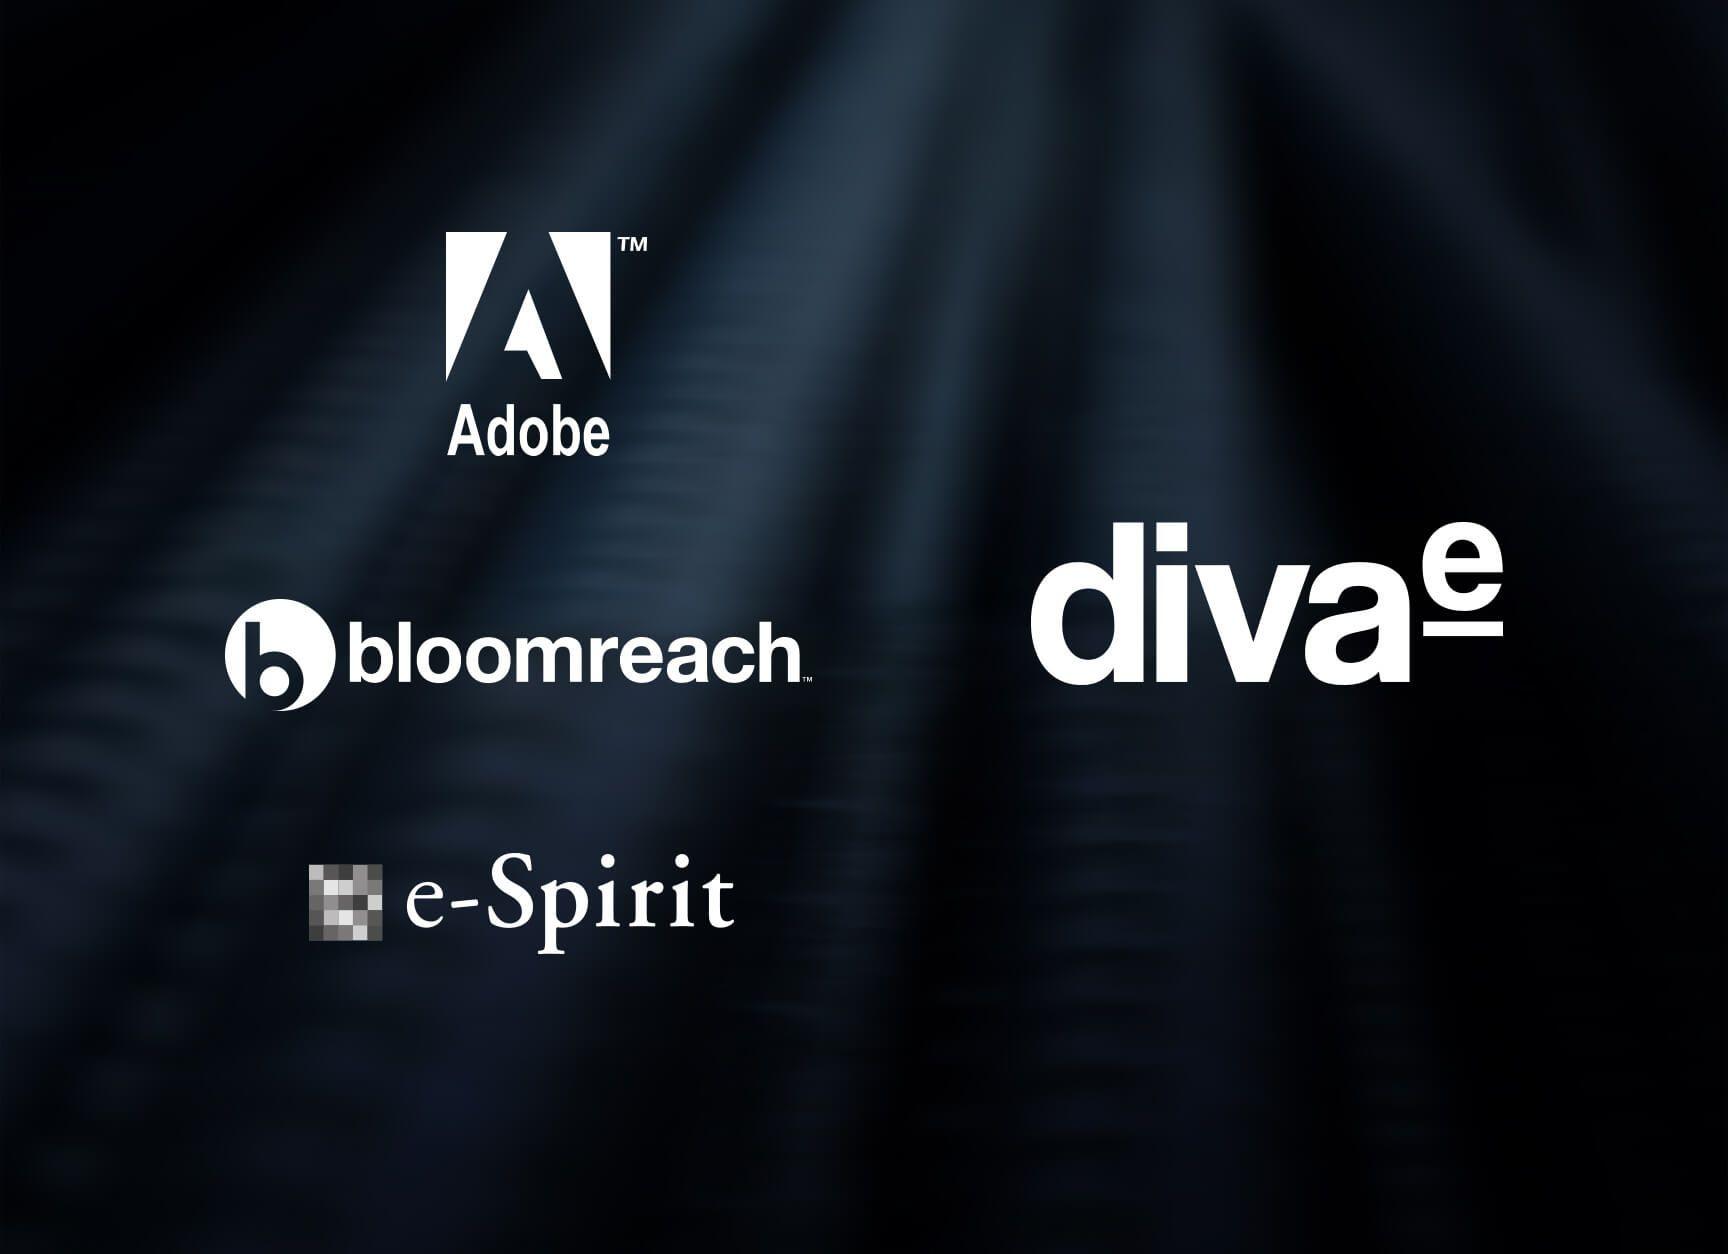 e-Spirit, Adobe and Bloomreach: Market leader as diva-e technology partner